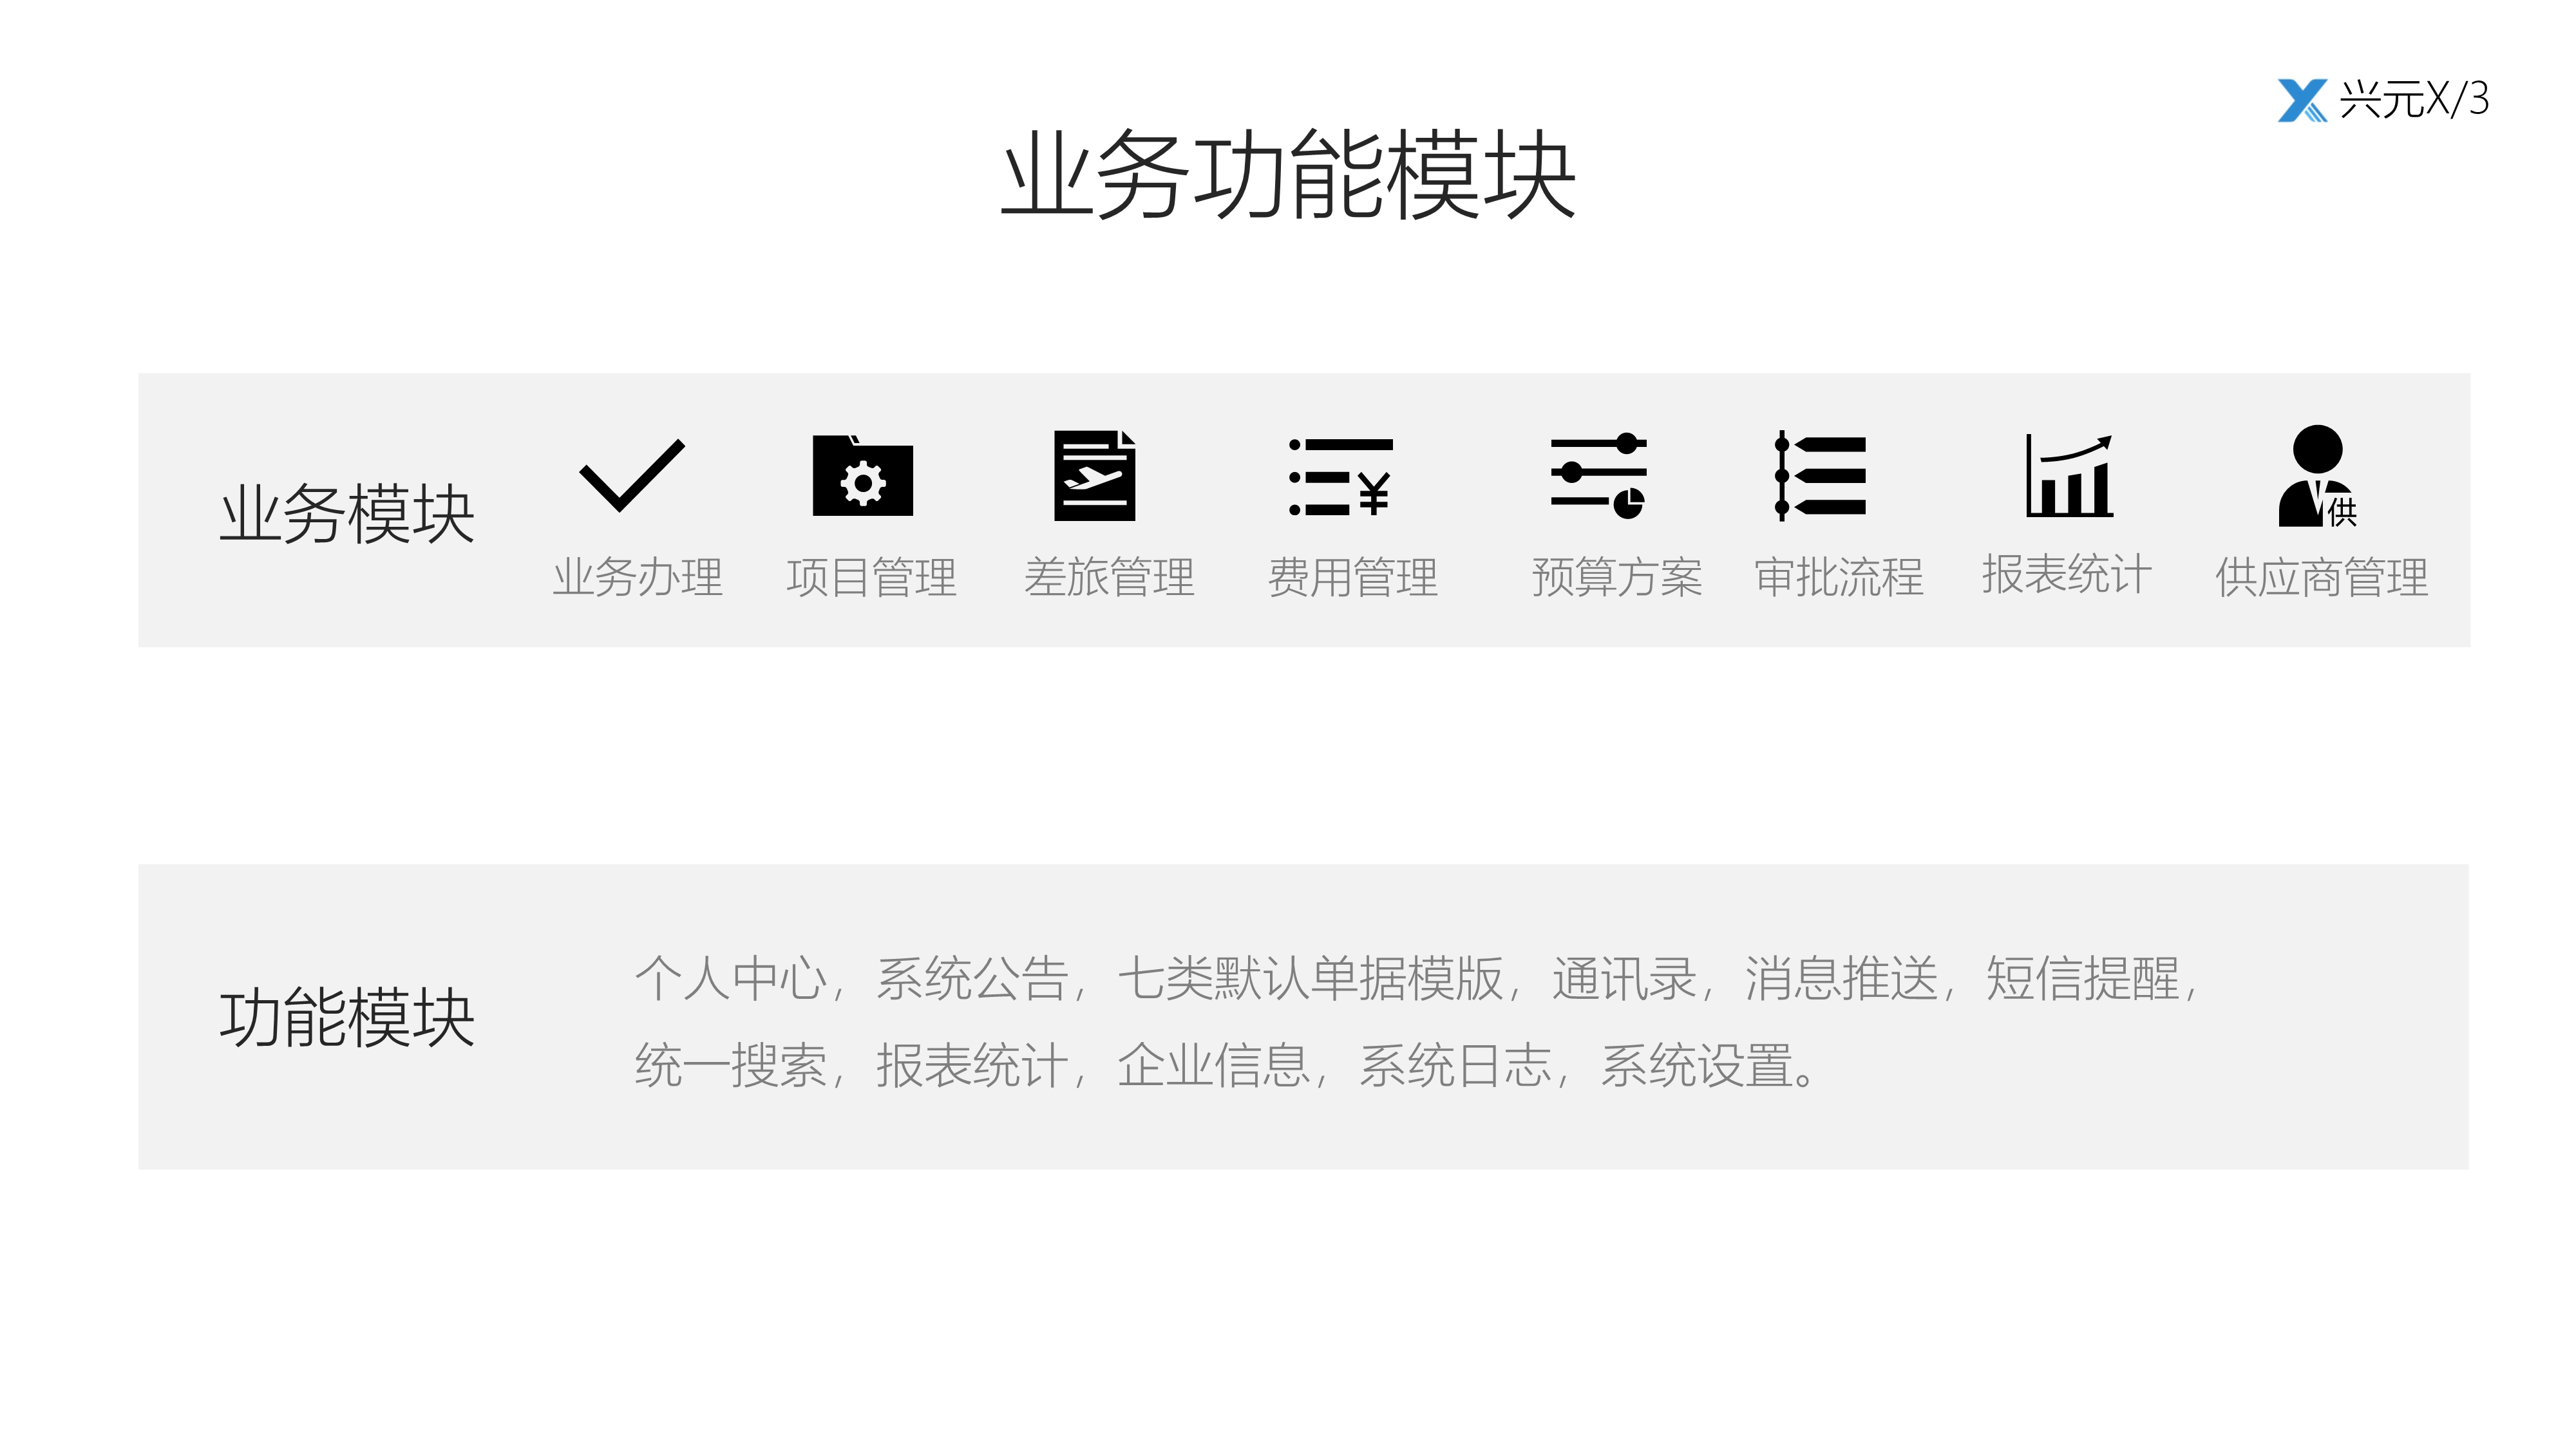 011809350146_0兴元财务管理报销软件_6.Jpeg